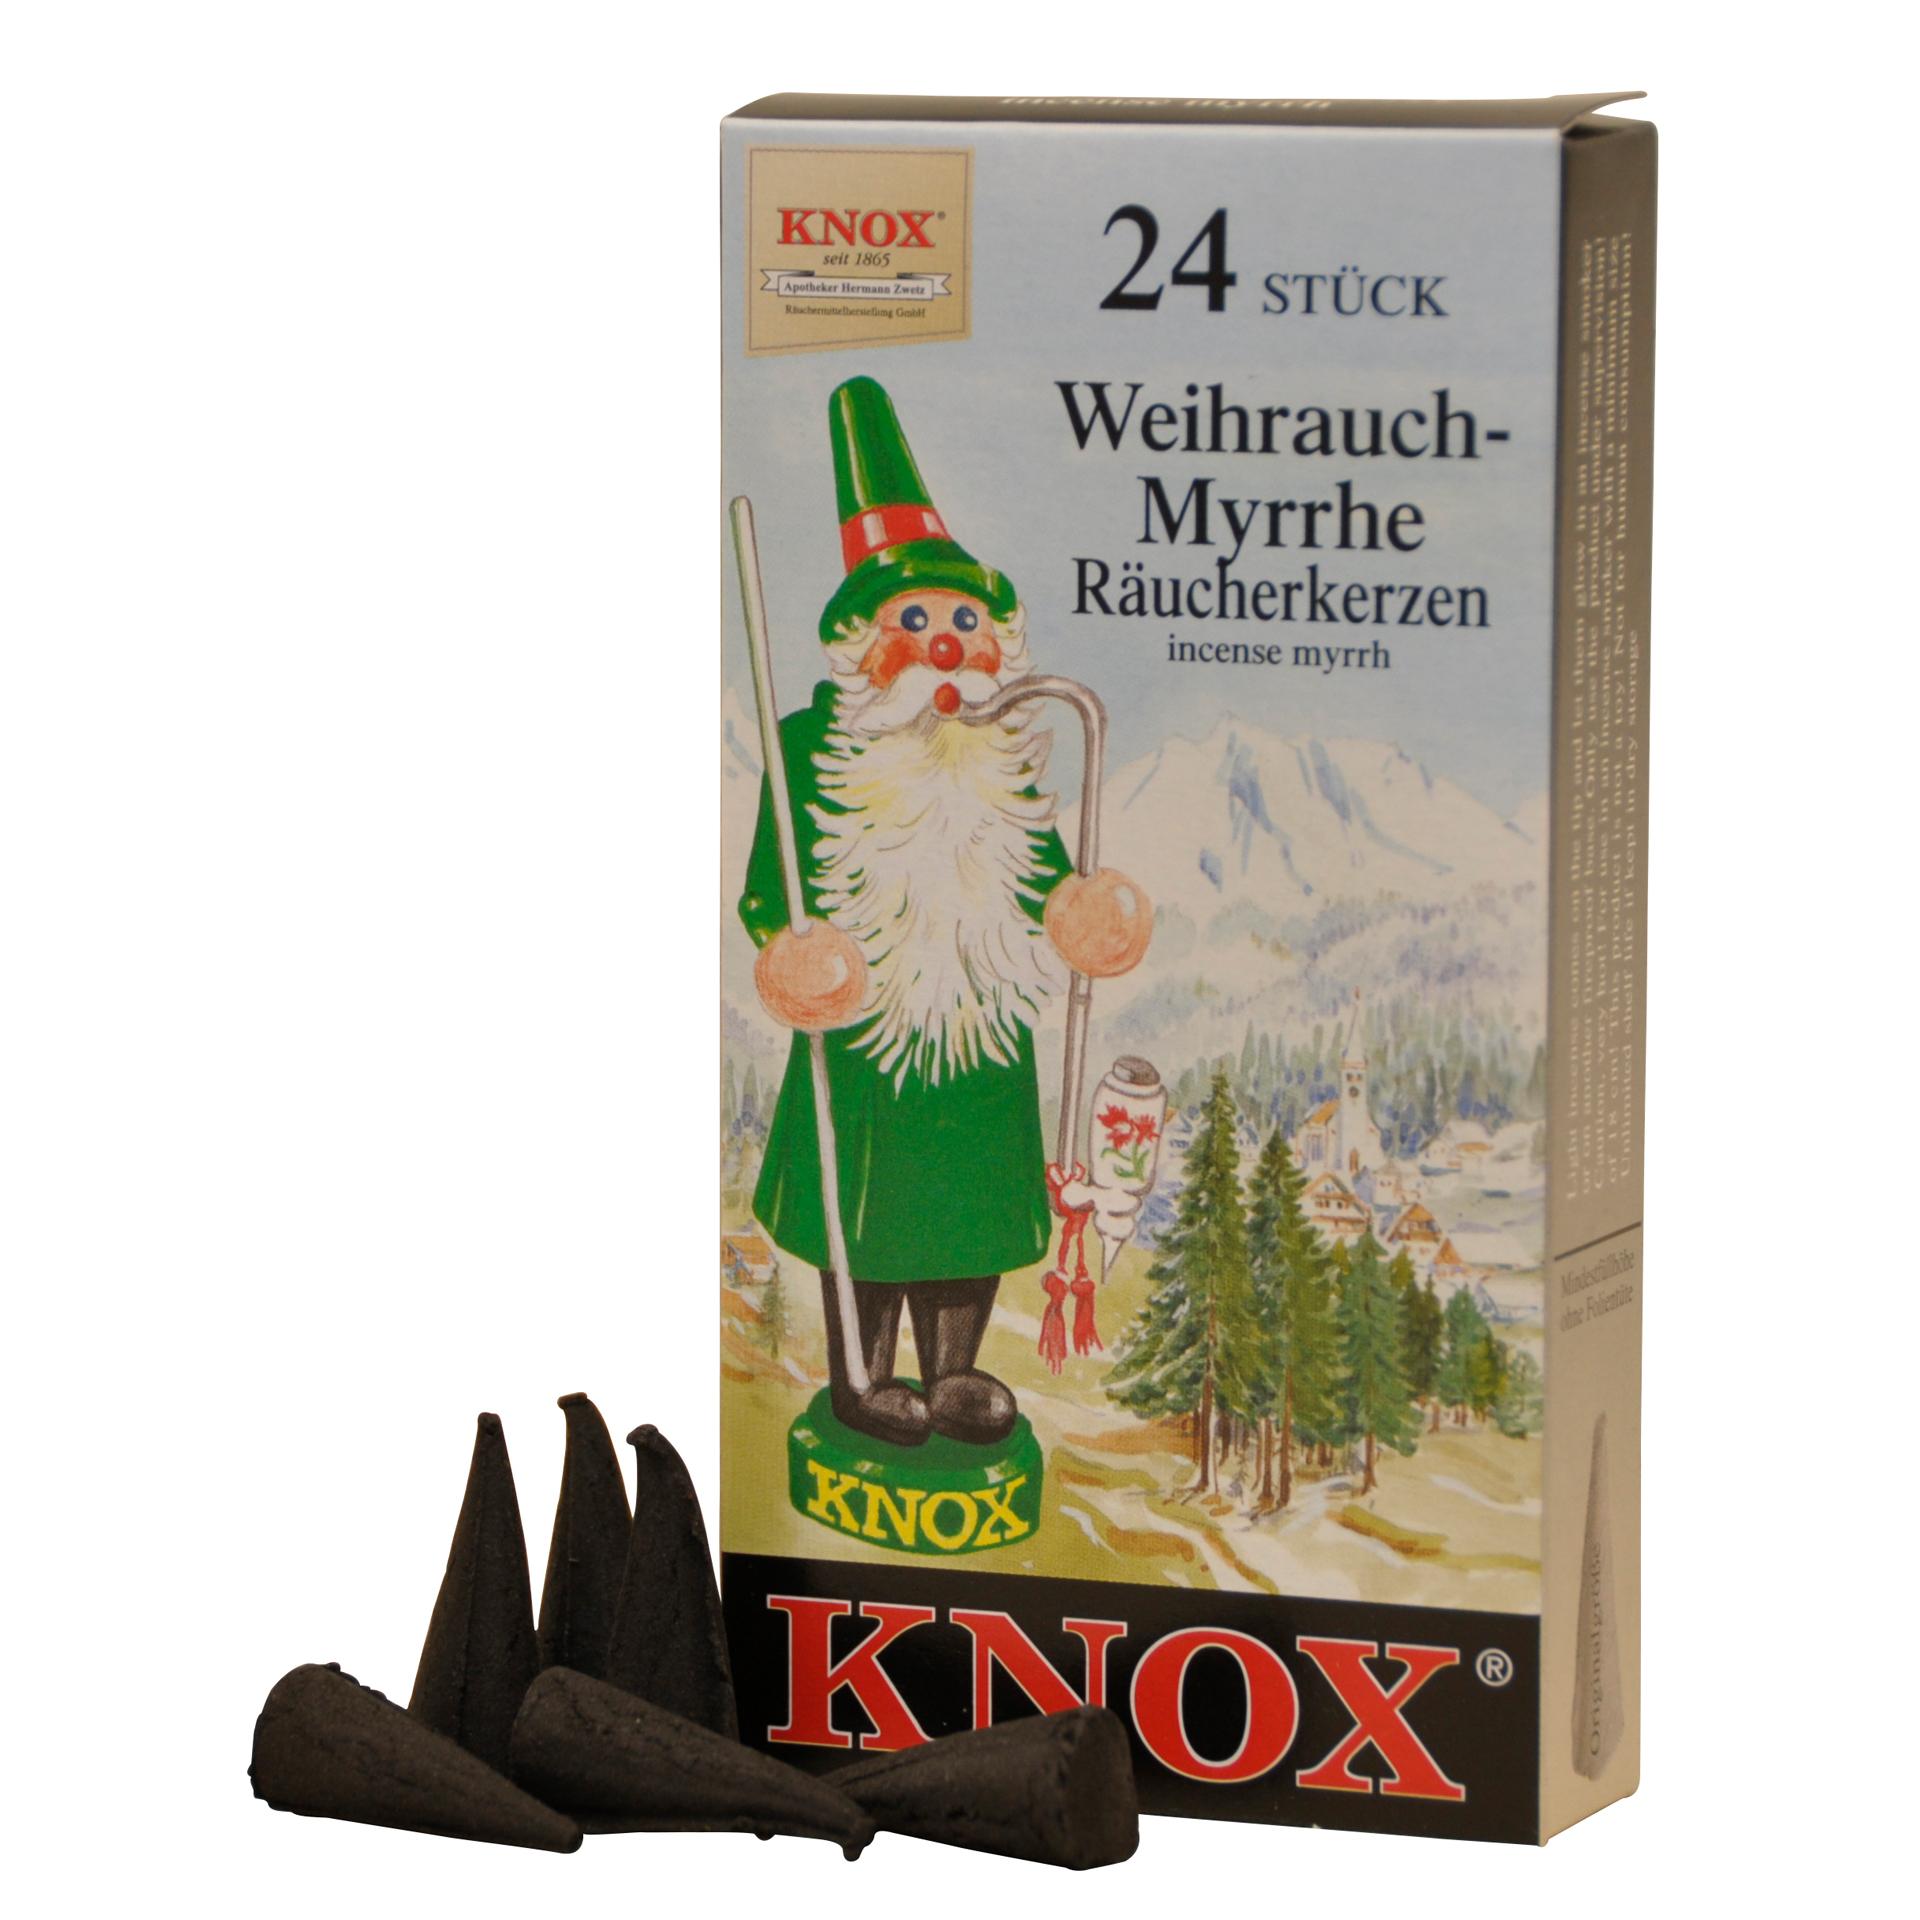 Knox Räucherkerzen Weihrauch